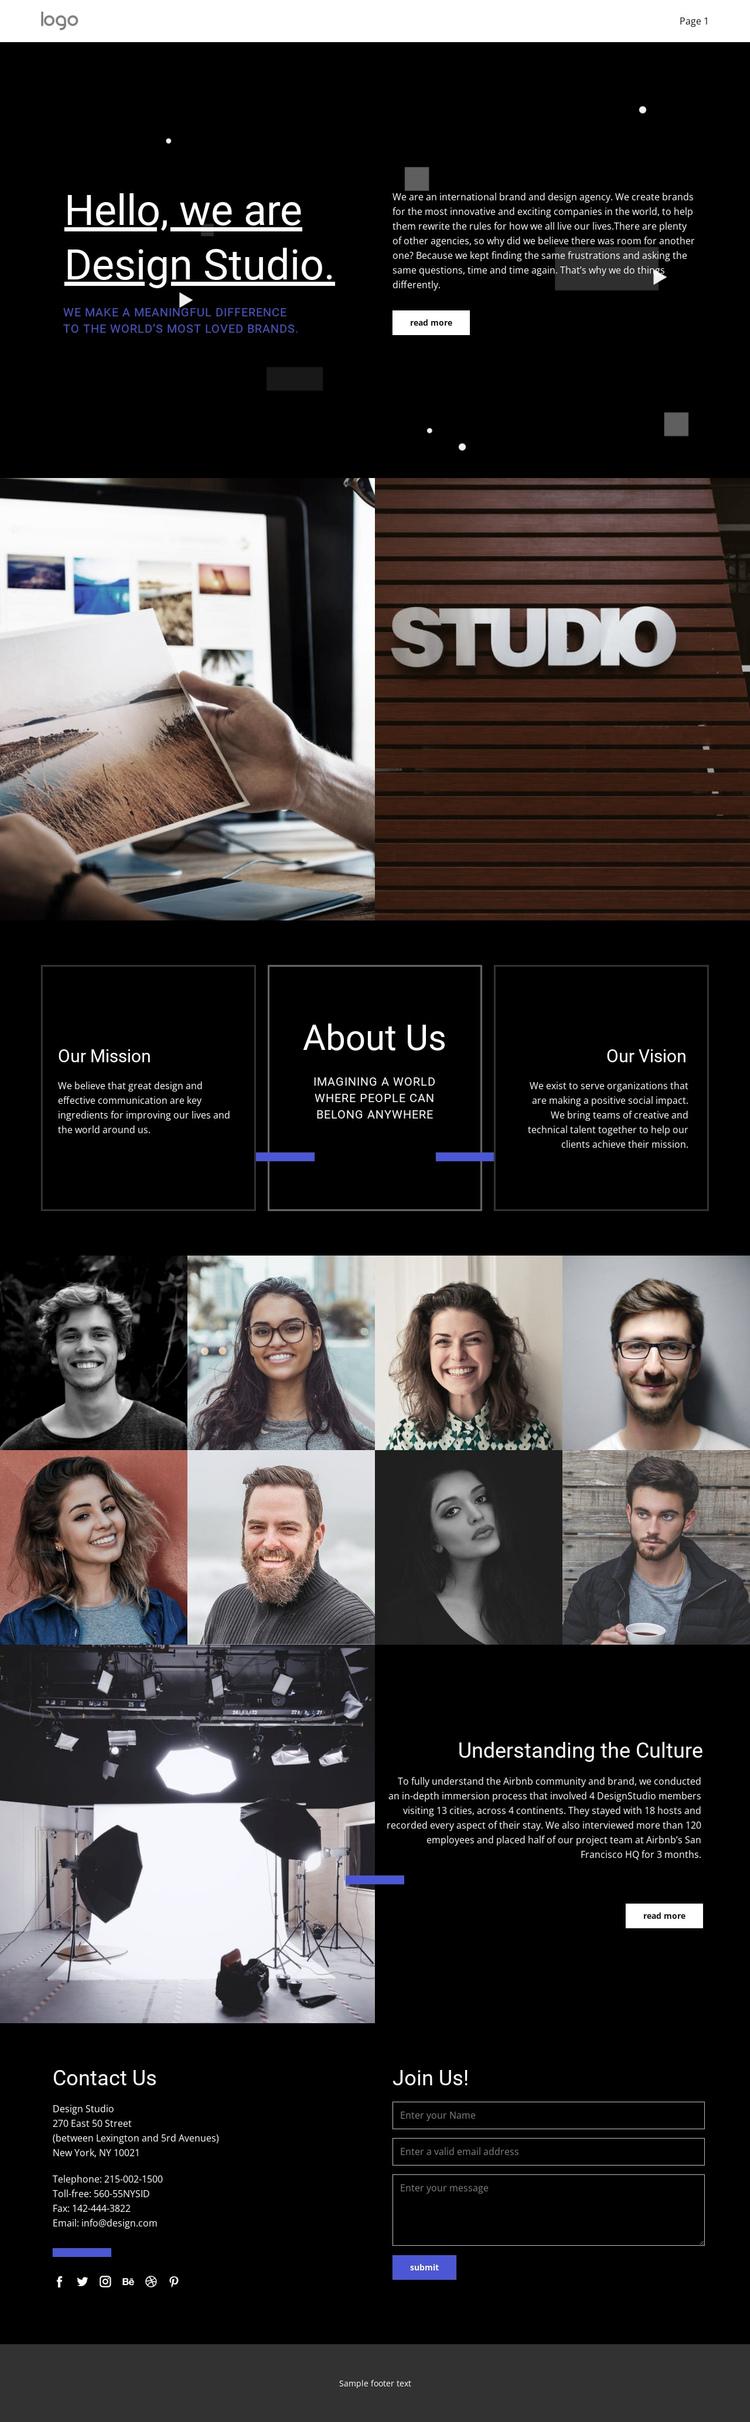 Our design is unique Website Builder Software